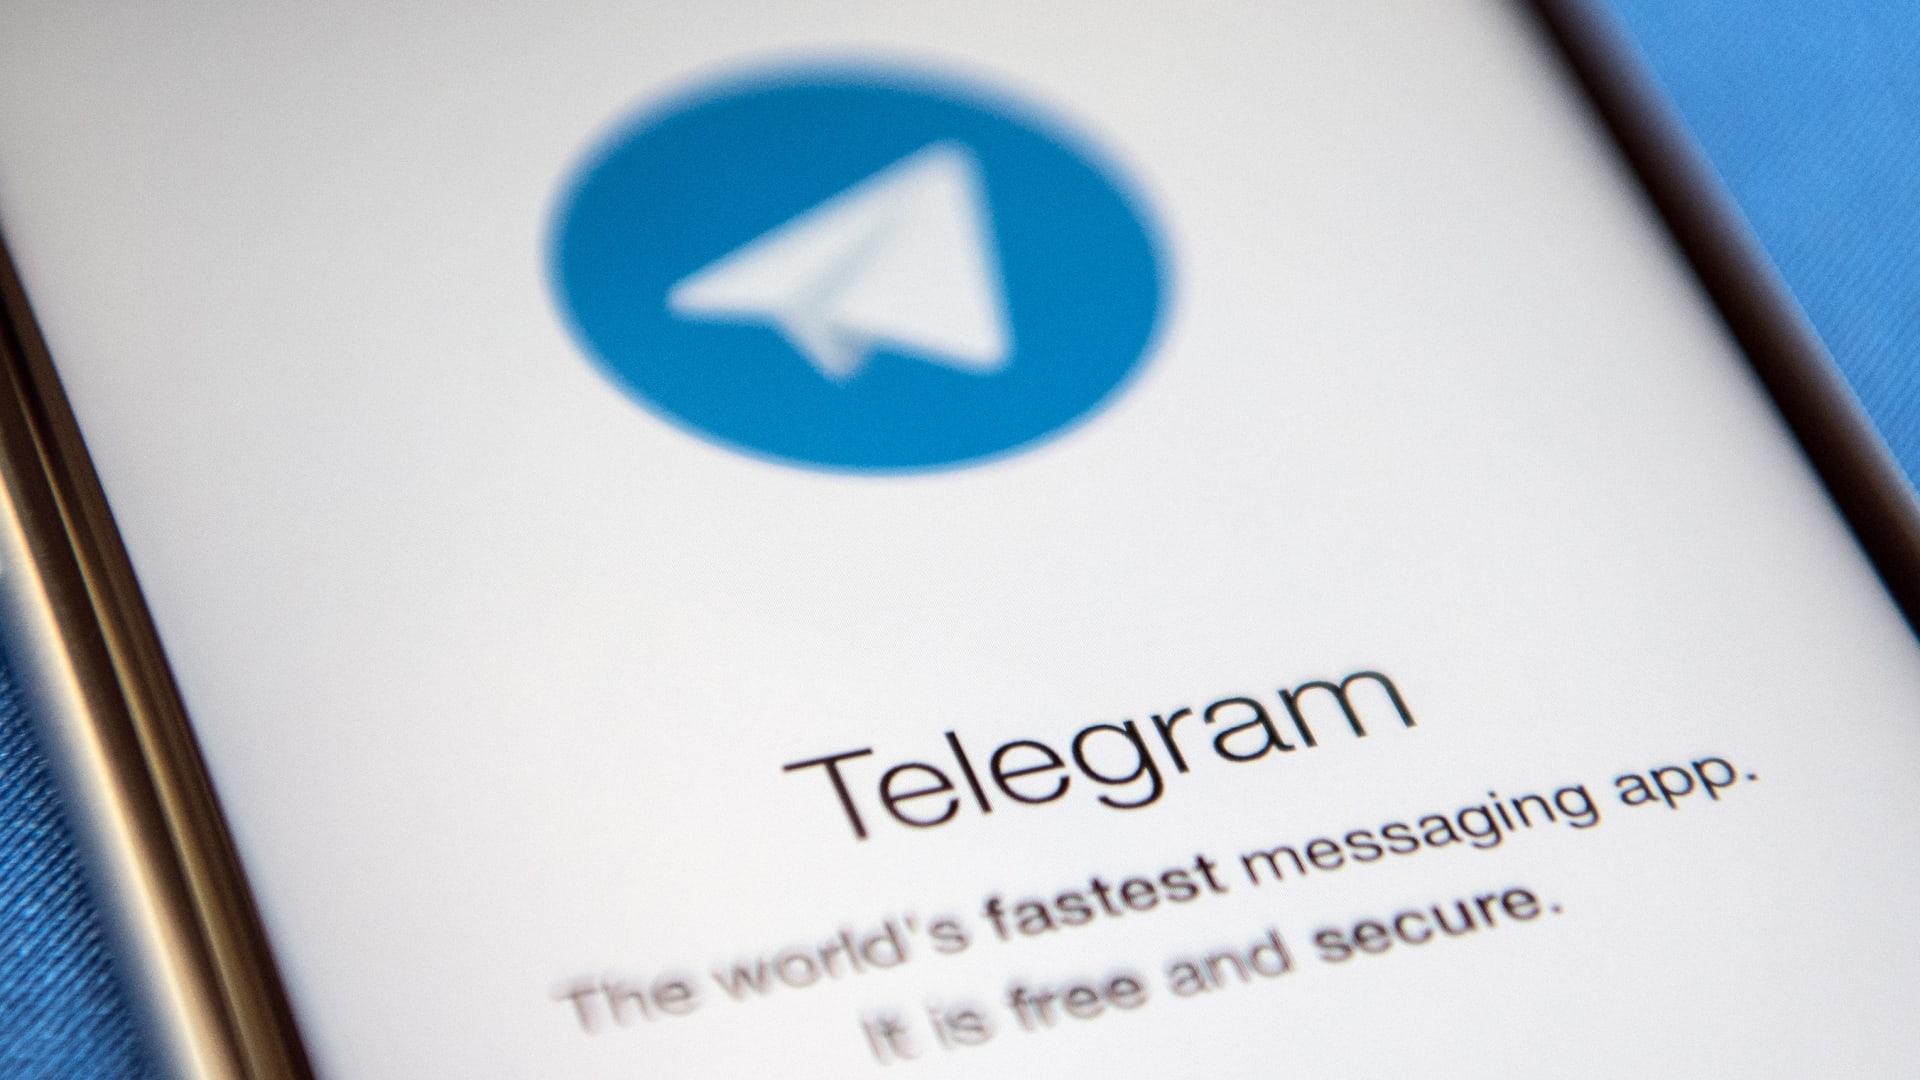 """""""مبادلة"""" وصندوق """"أبوظبي كاتاليست بارتنرز"""" تستثمران 150 مليون دولار في تطبيق المراسلة """"تيليغرام"""""""